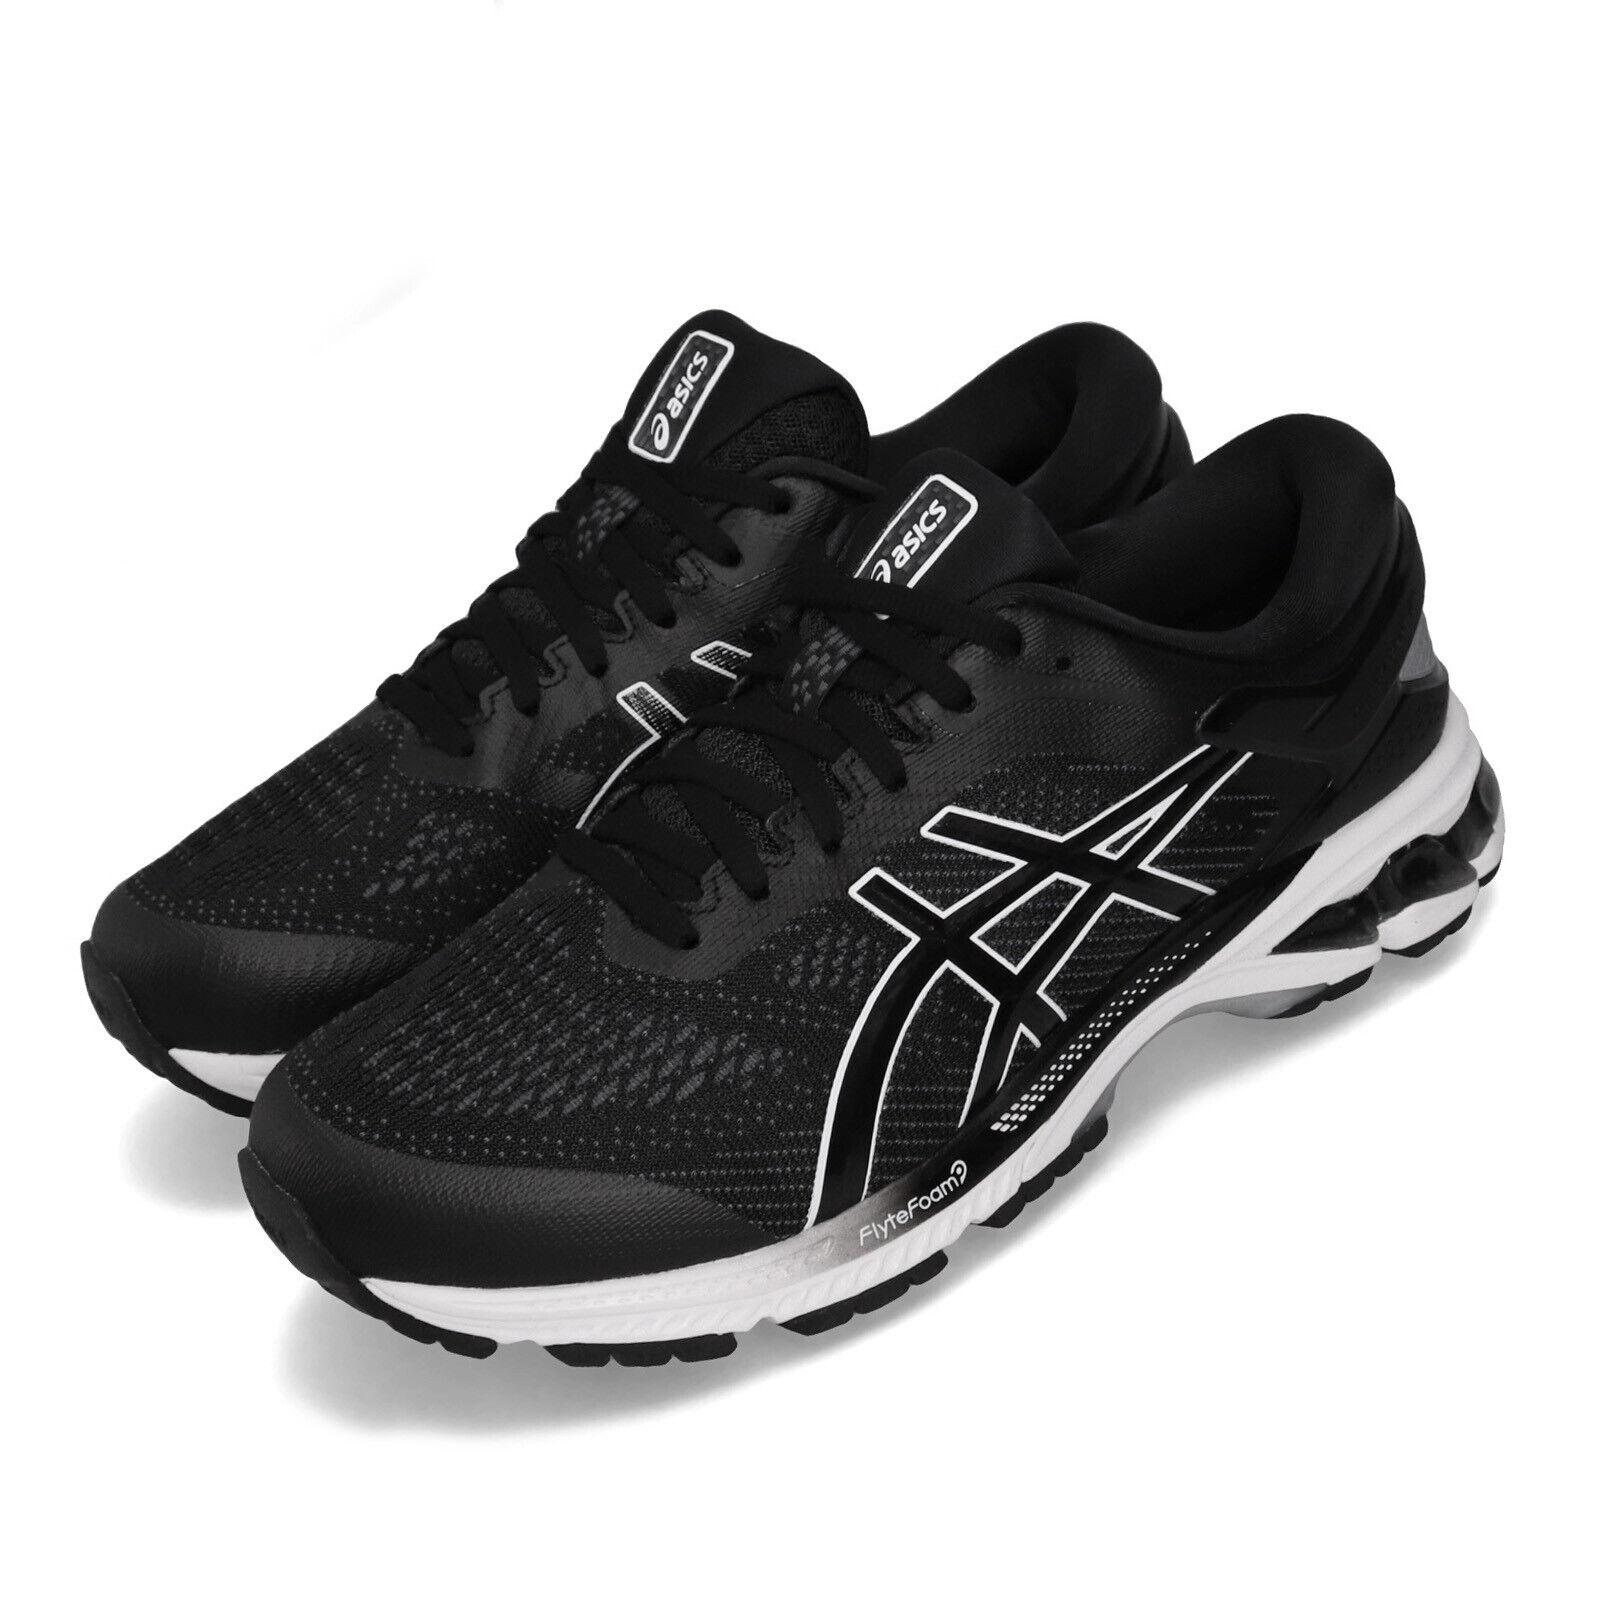 Asics Gel-Kayano 26 2E Ancho Negro blancoo Hombres Running Zapatos TENIS 1011A542-001